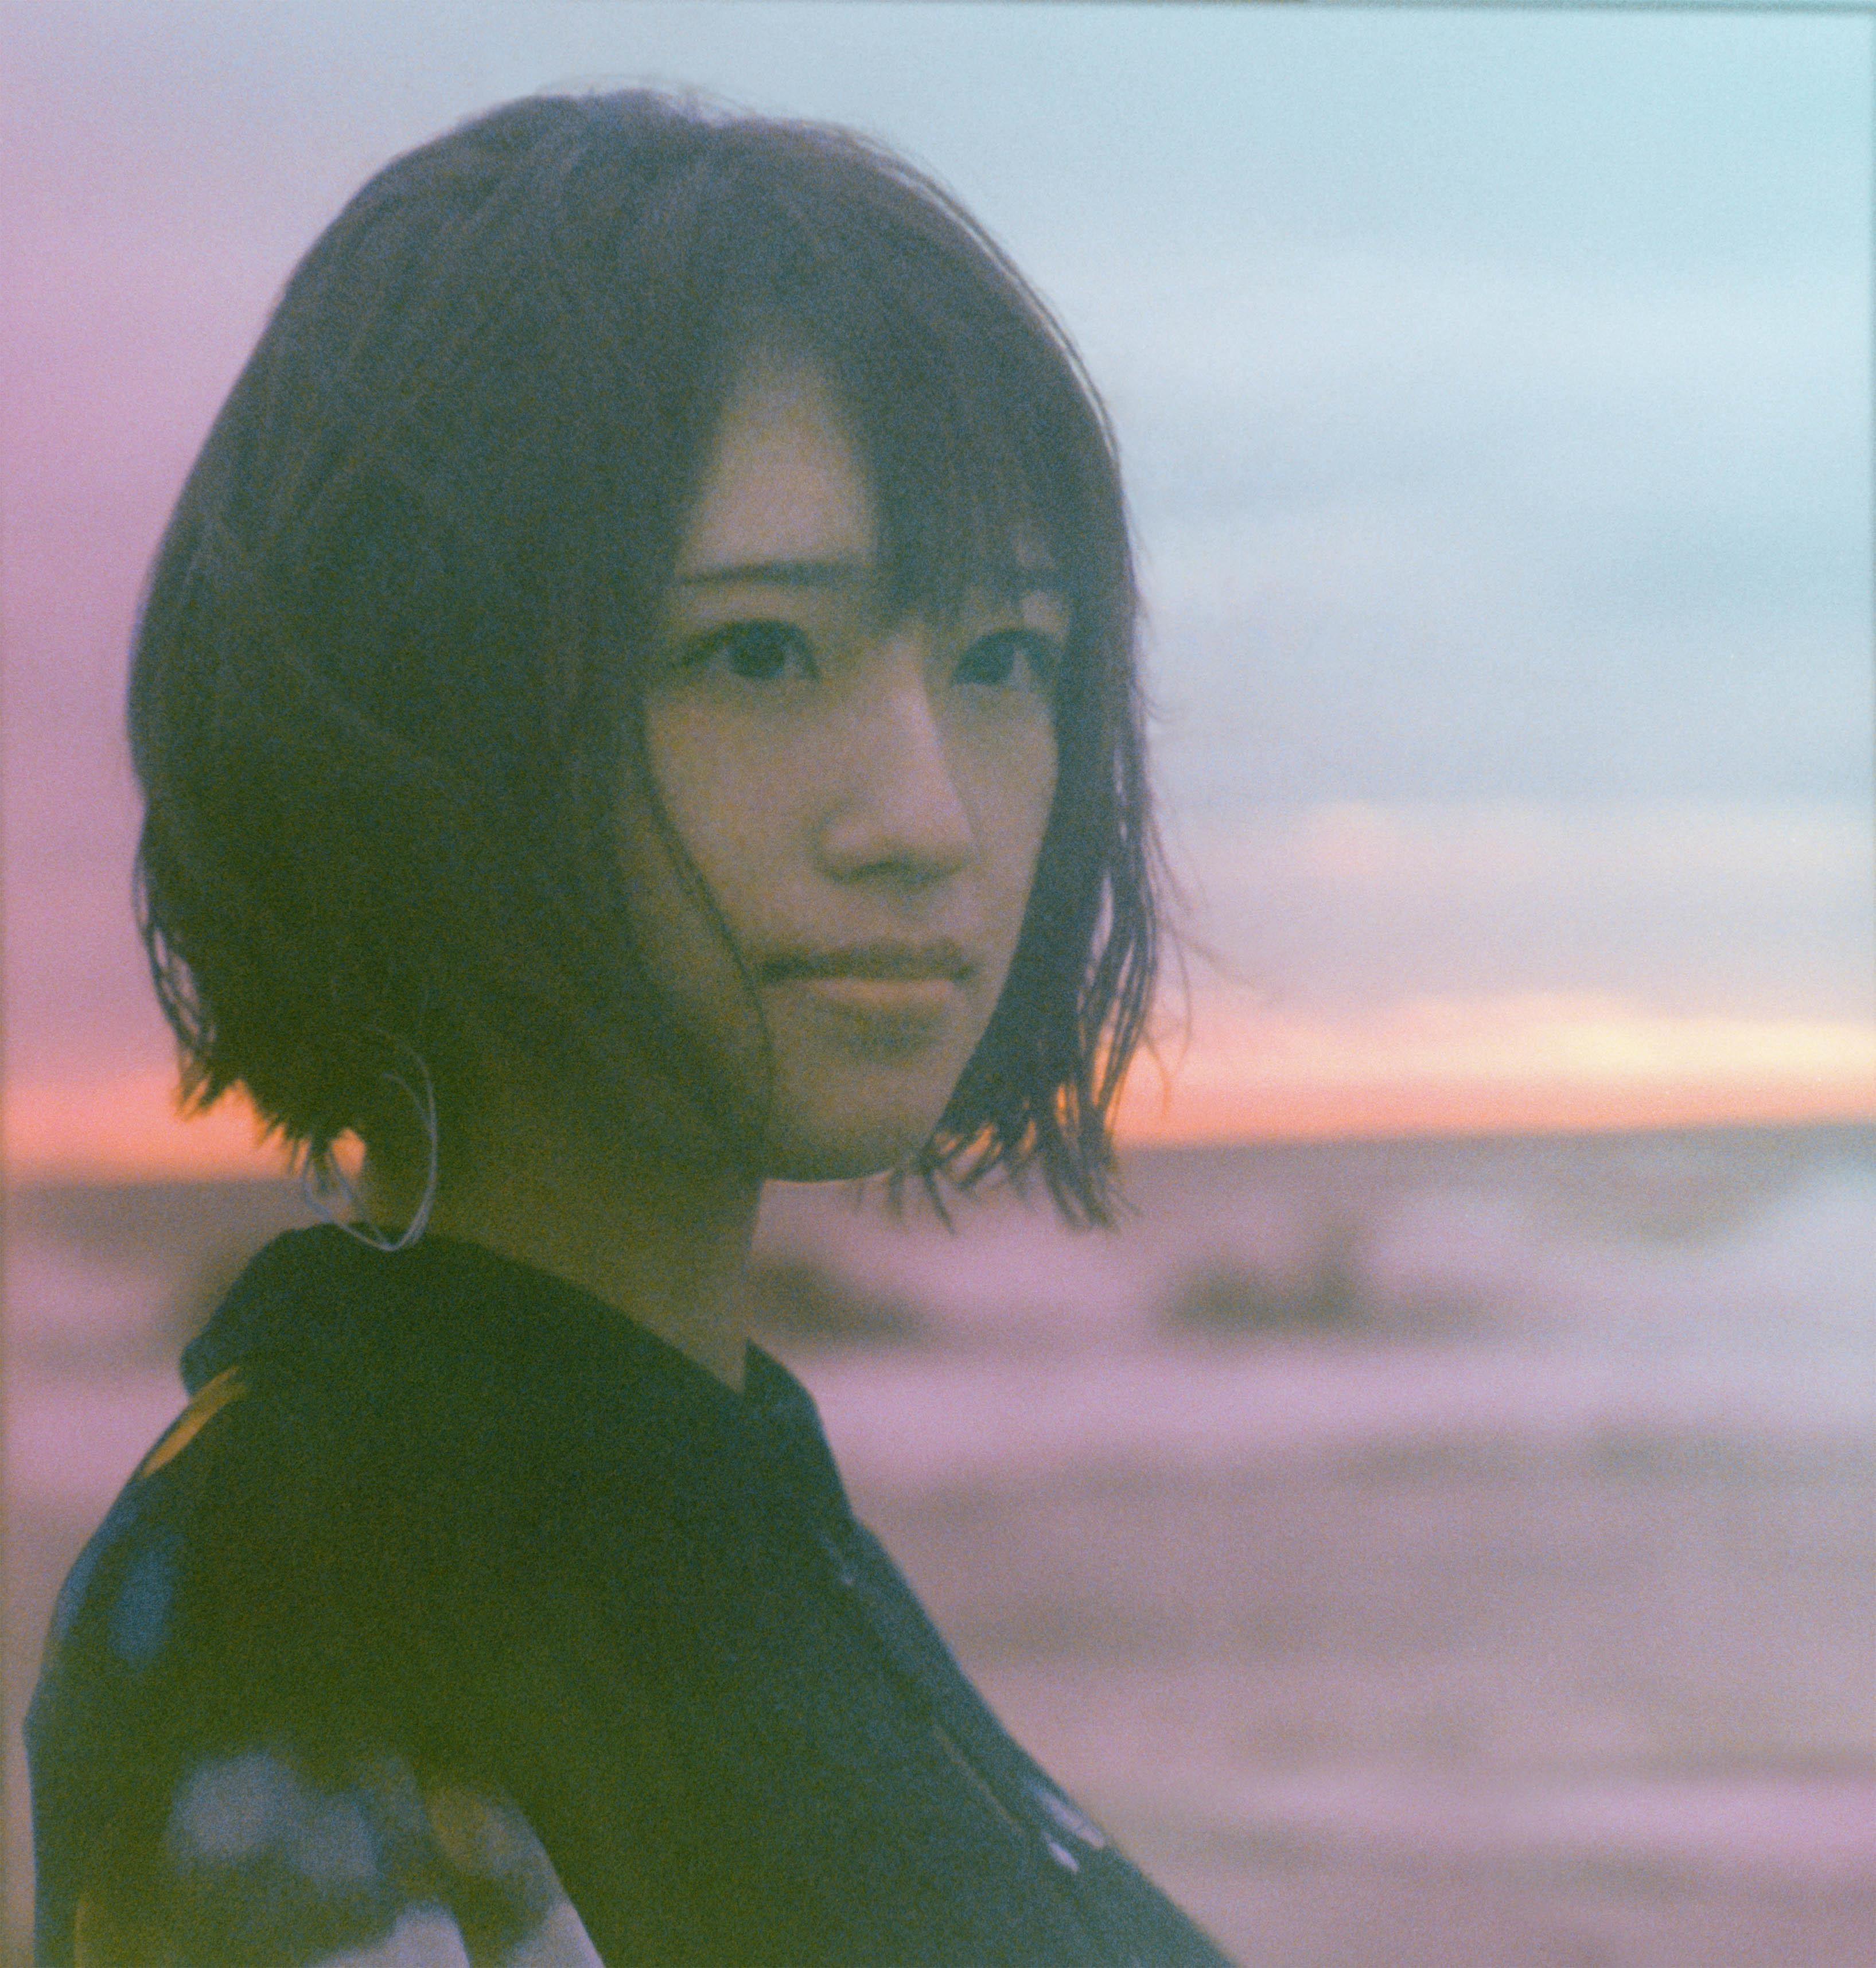 高橋李依、誕生日にソロデビューを発表 楽曲は2021年春リリース予定 ...